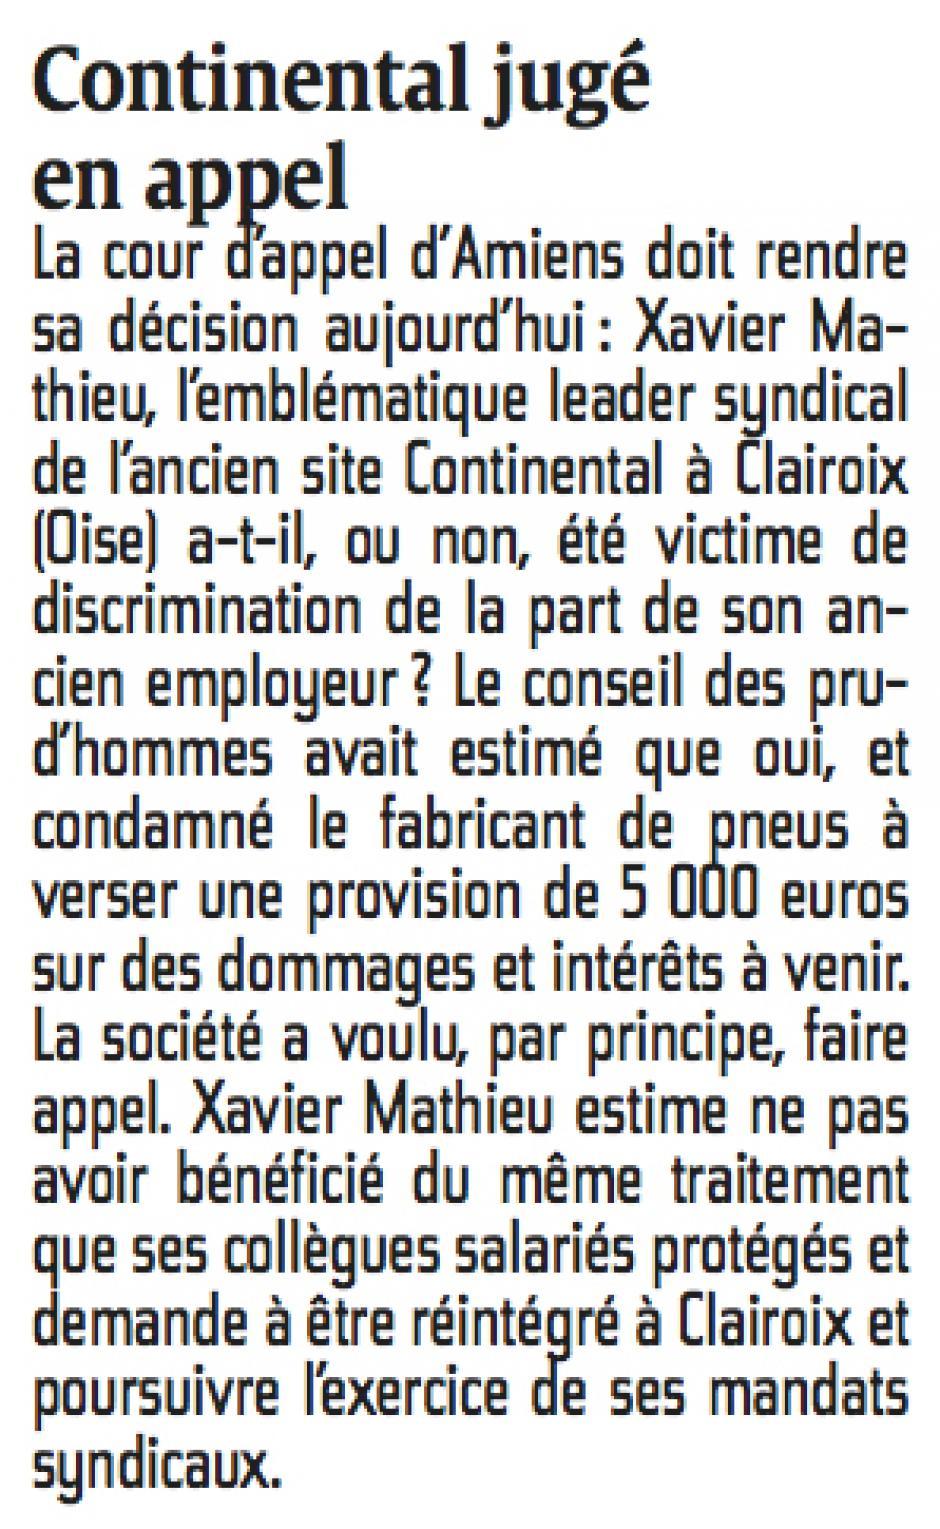 20140527-CP-Clairoix-Continental jugé en appel